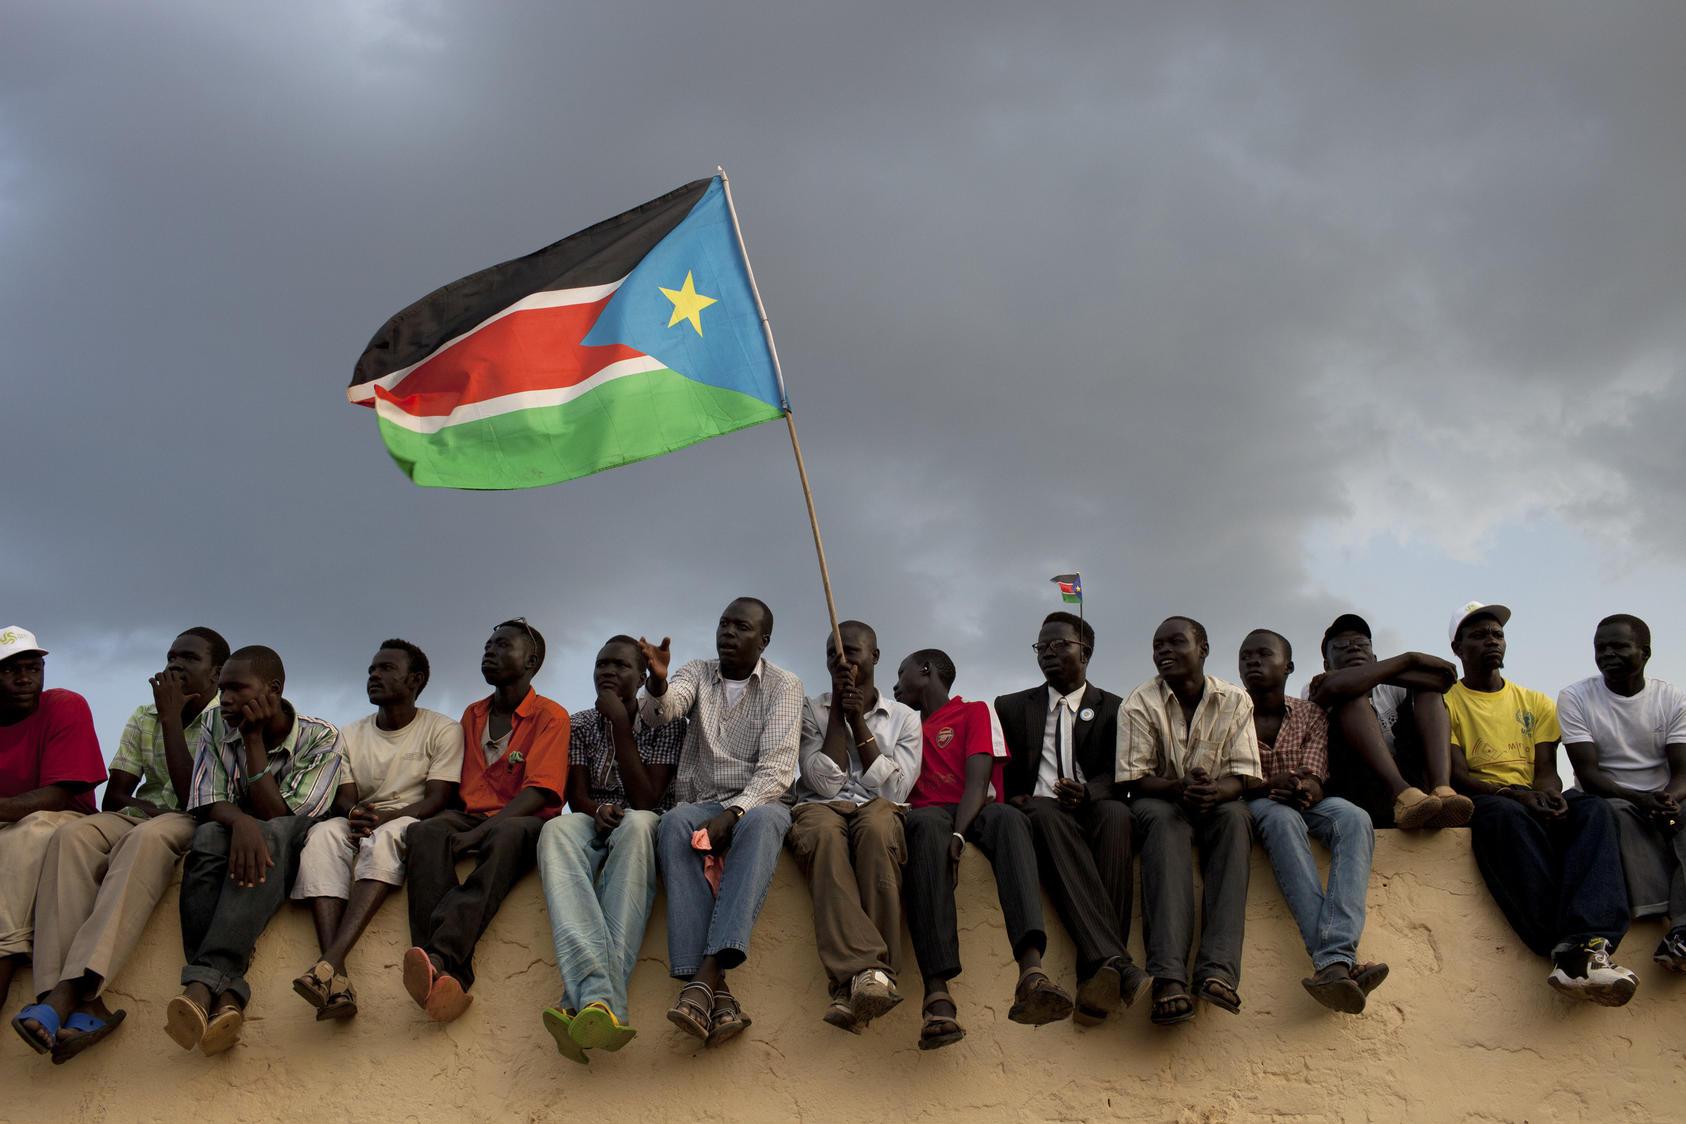 Sudan Selatan - Negara Dengan Tingkat Kriminal Paling Tinggi di Dunia, Berani Pergi Ke Sana